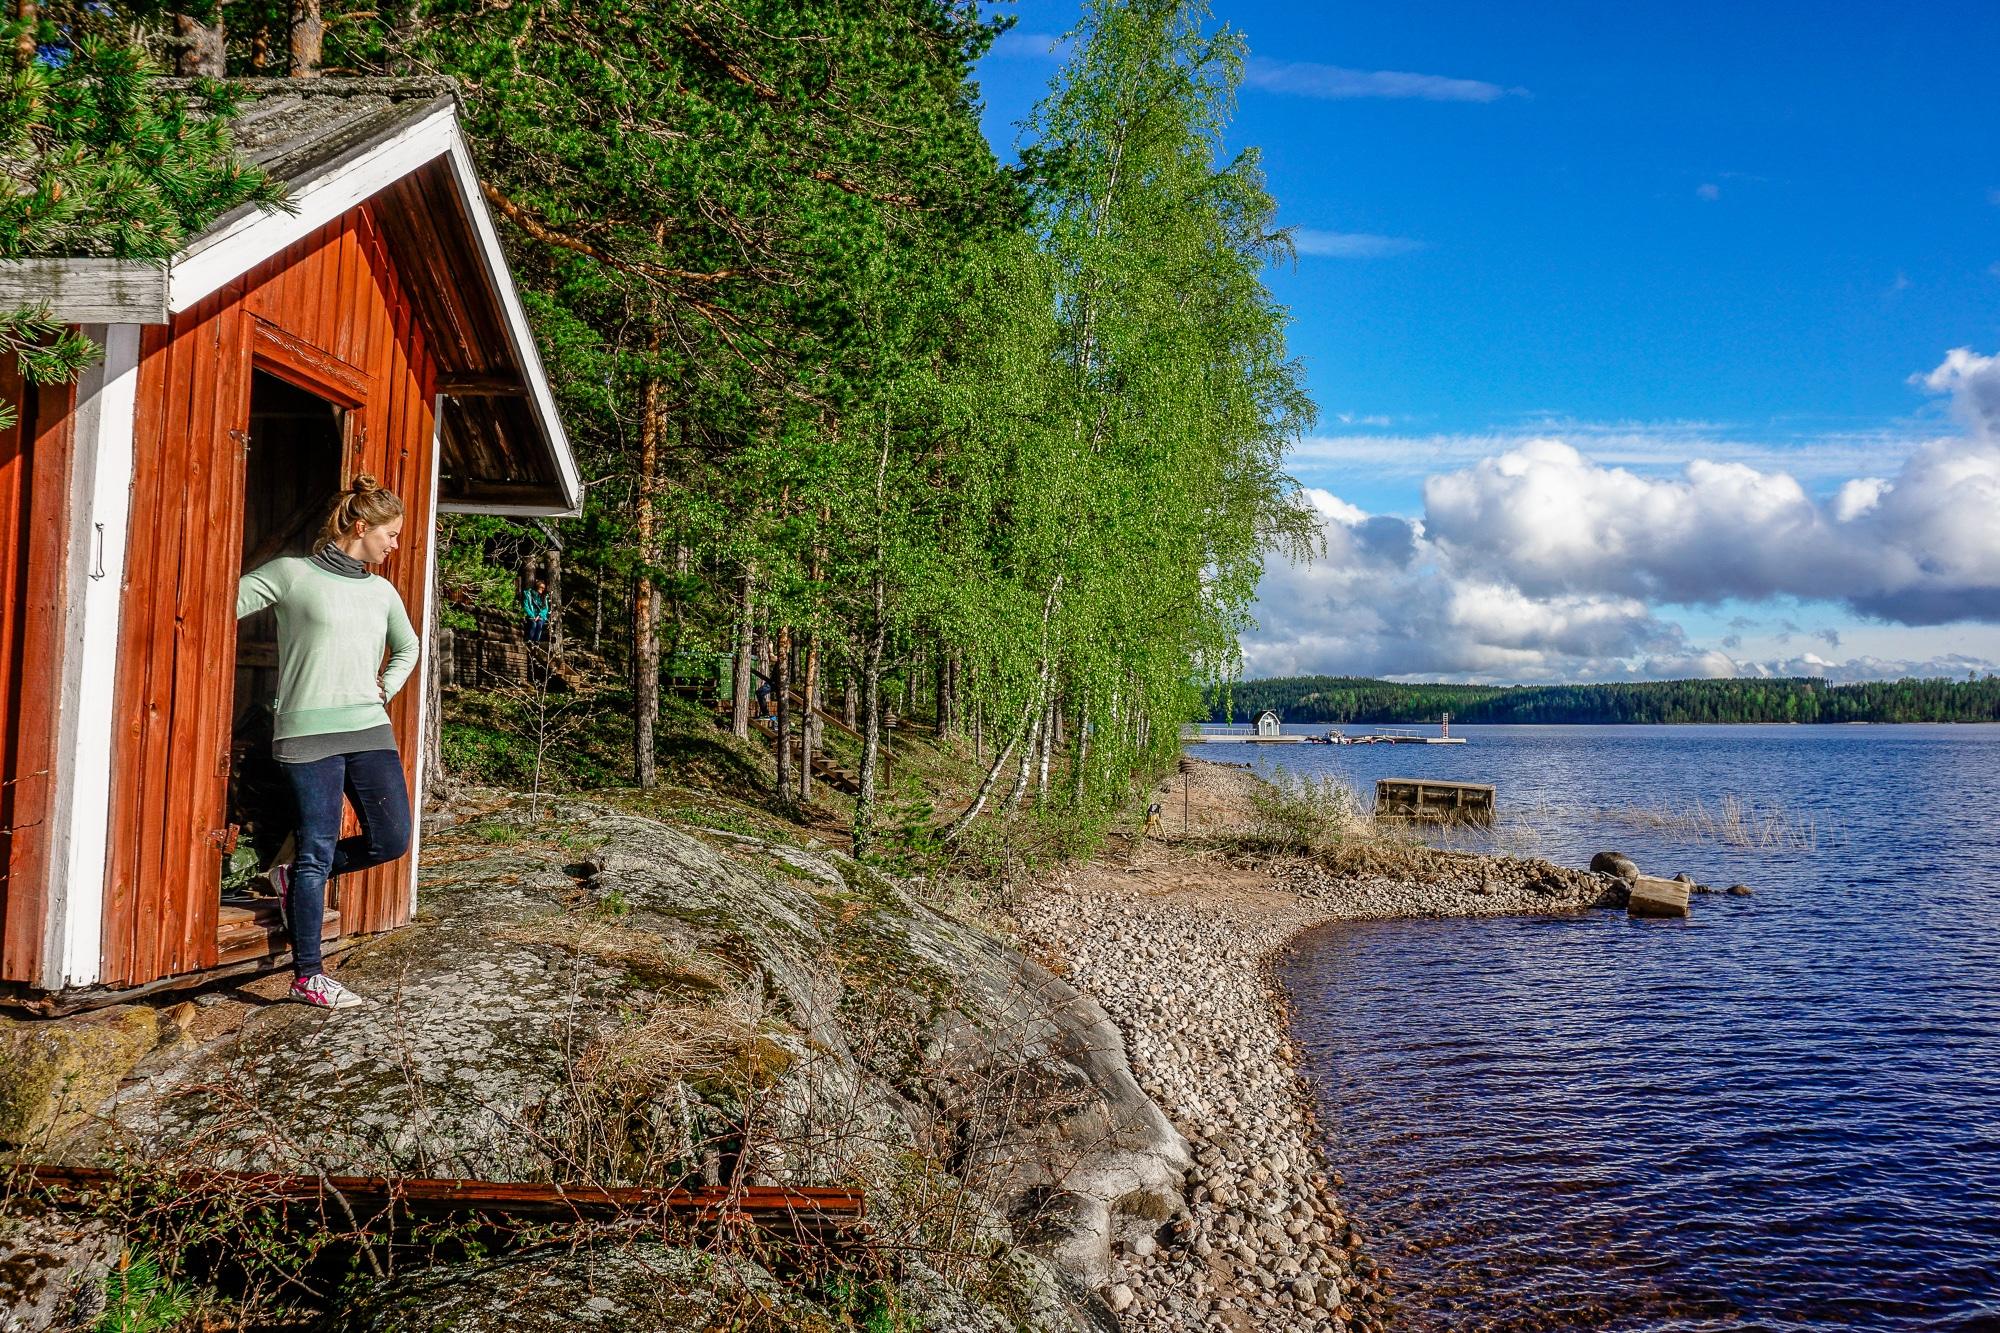 Der Saimaa See in Finnland, Südkarelien: Eine Reise nach Imatra und Lappeenranta